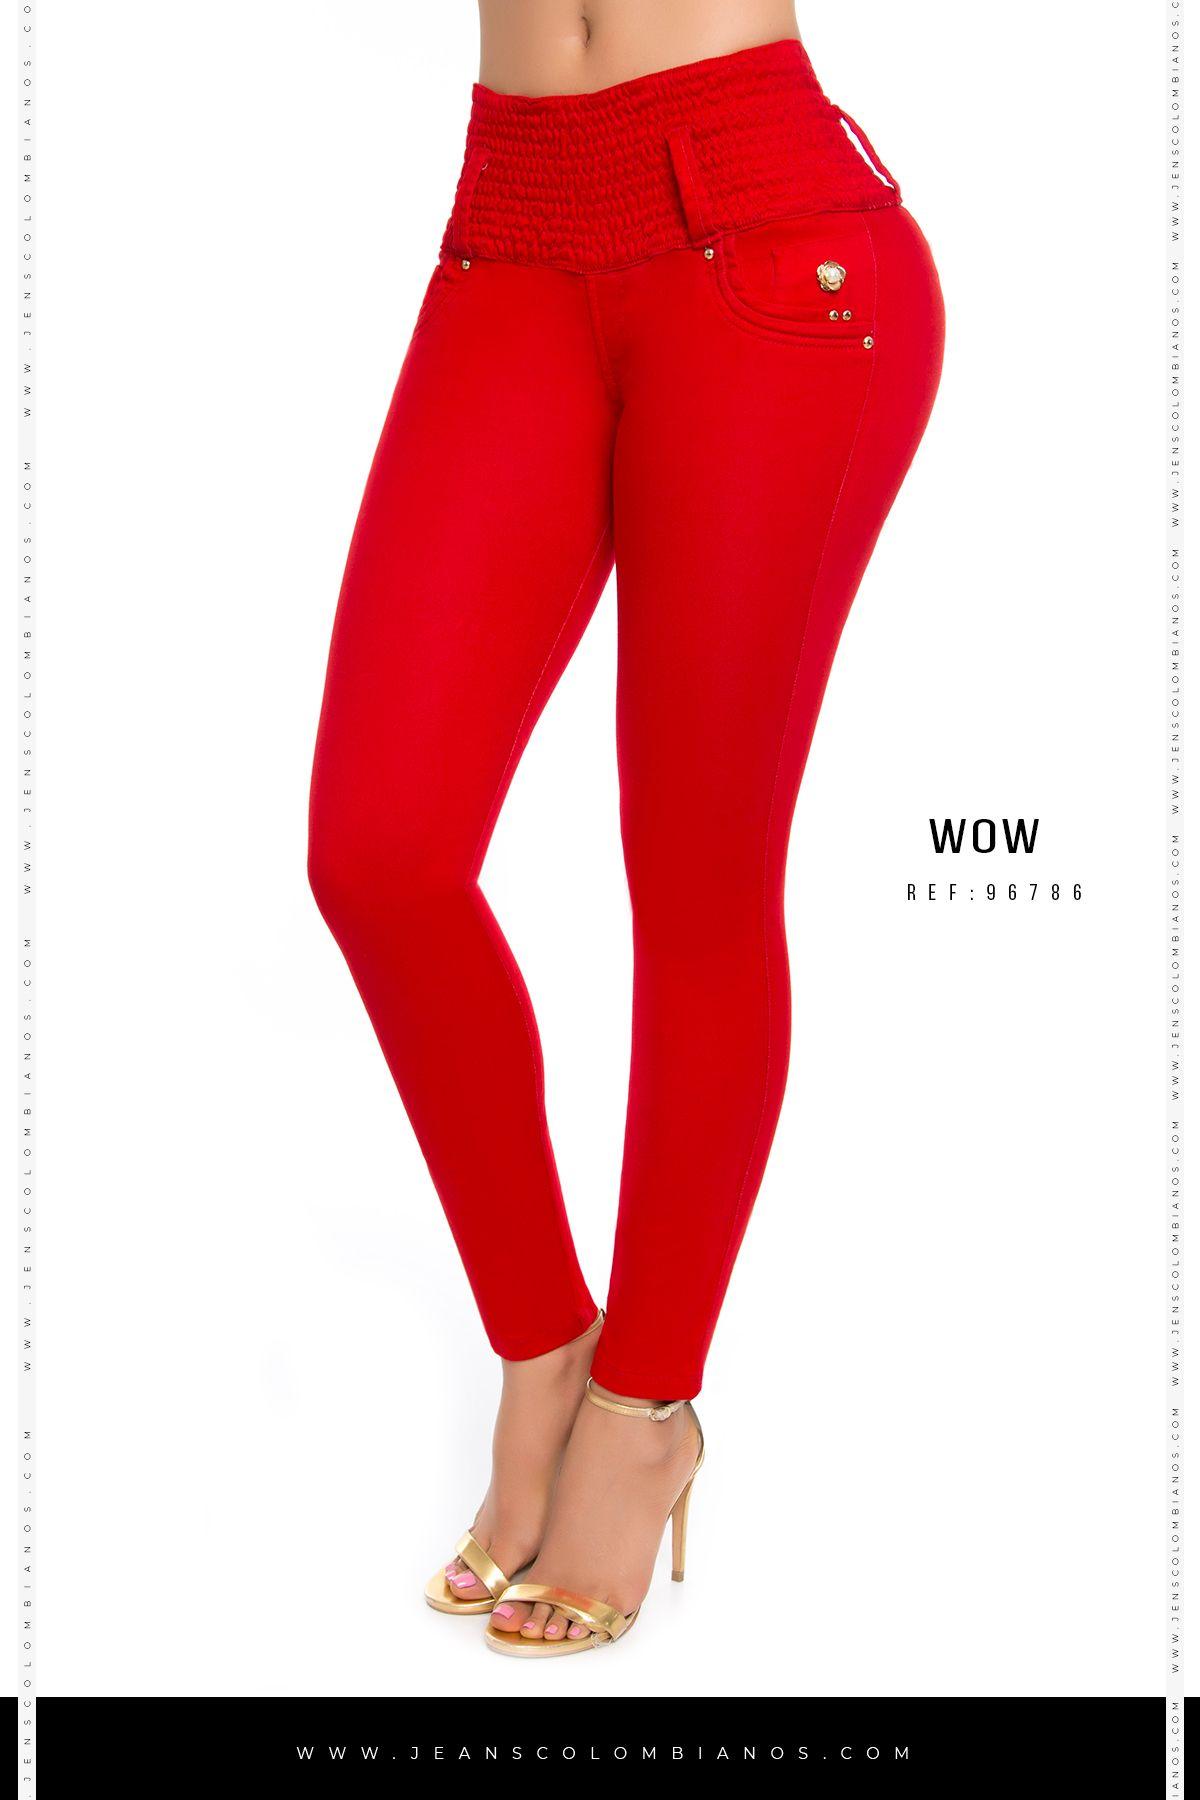 Wow 86786 Jeans De Moda Pantalones De Moda Mujer Ropa De Moda 2018